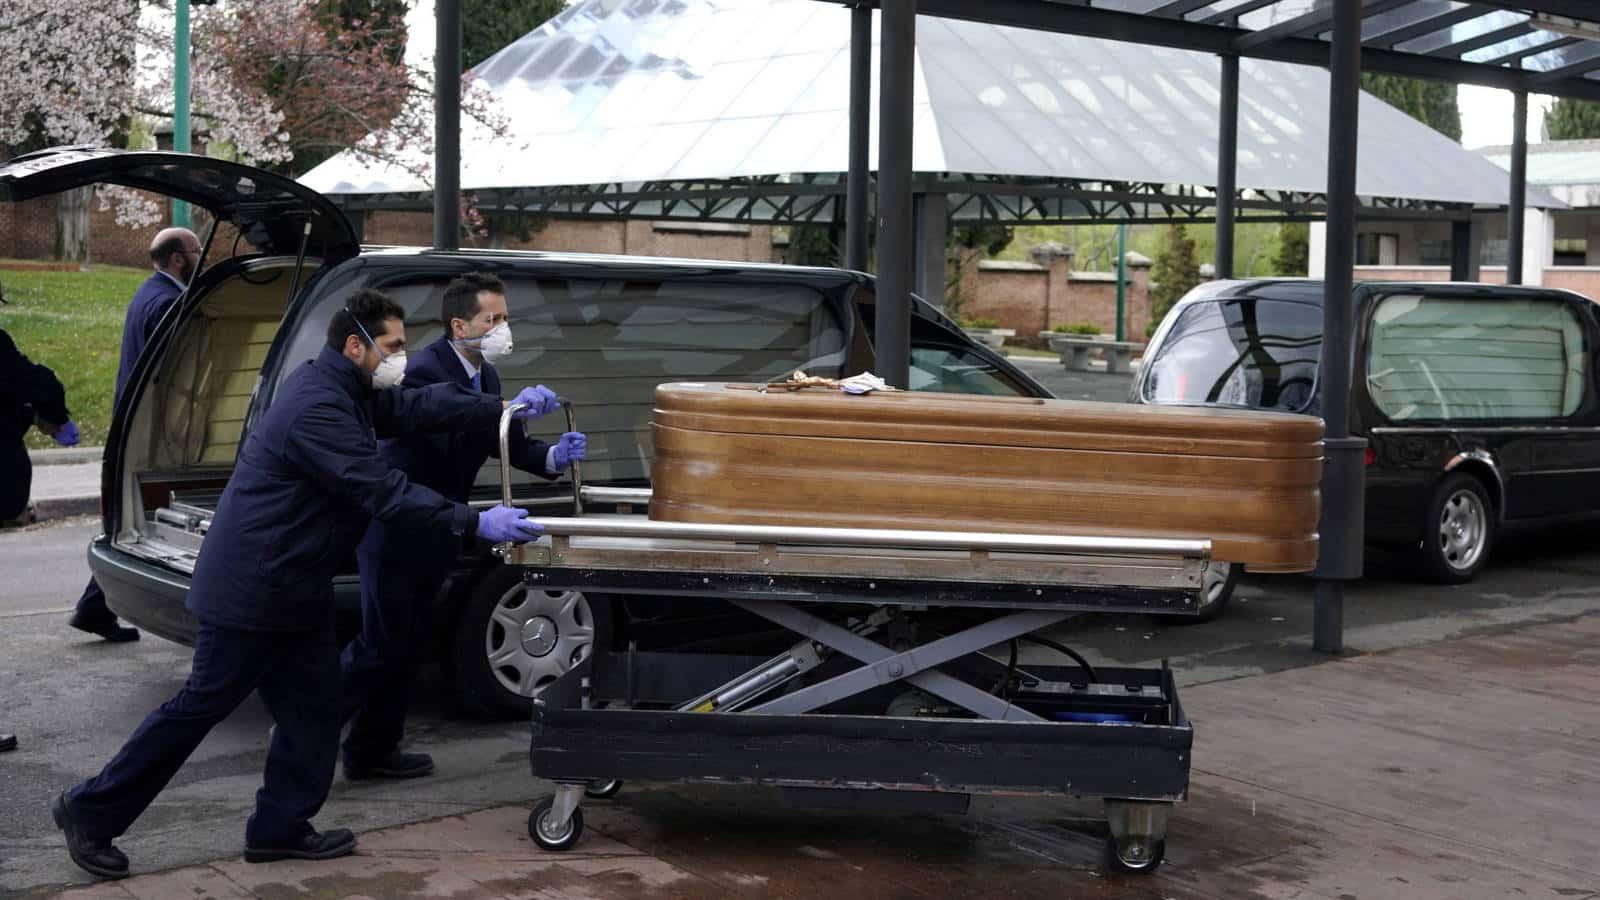 وفيات كورونا إسبانيا تضليل الحكومة وزارة الصحة تجميد أعداد الوفيات